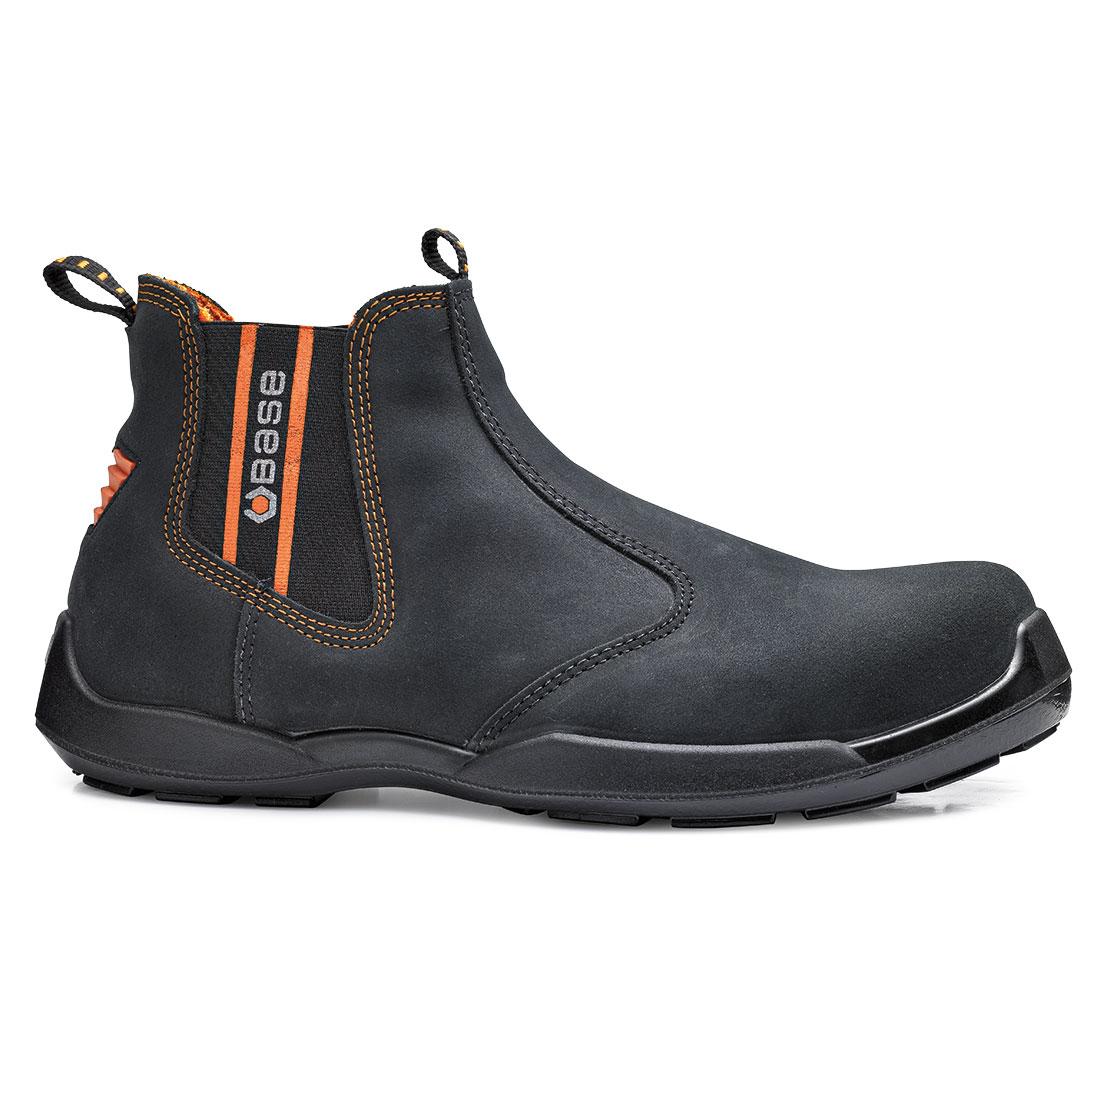 Portwest Dealer Shoe